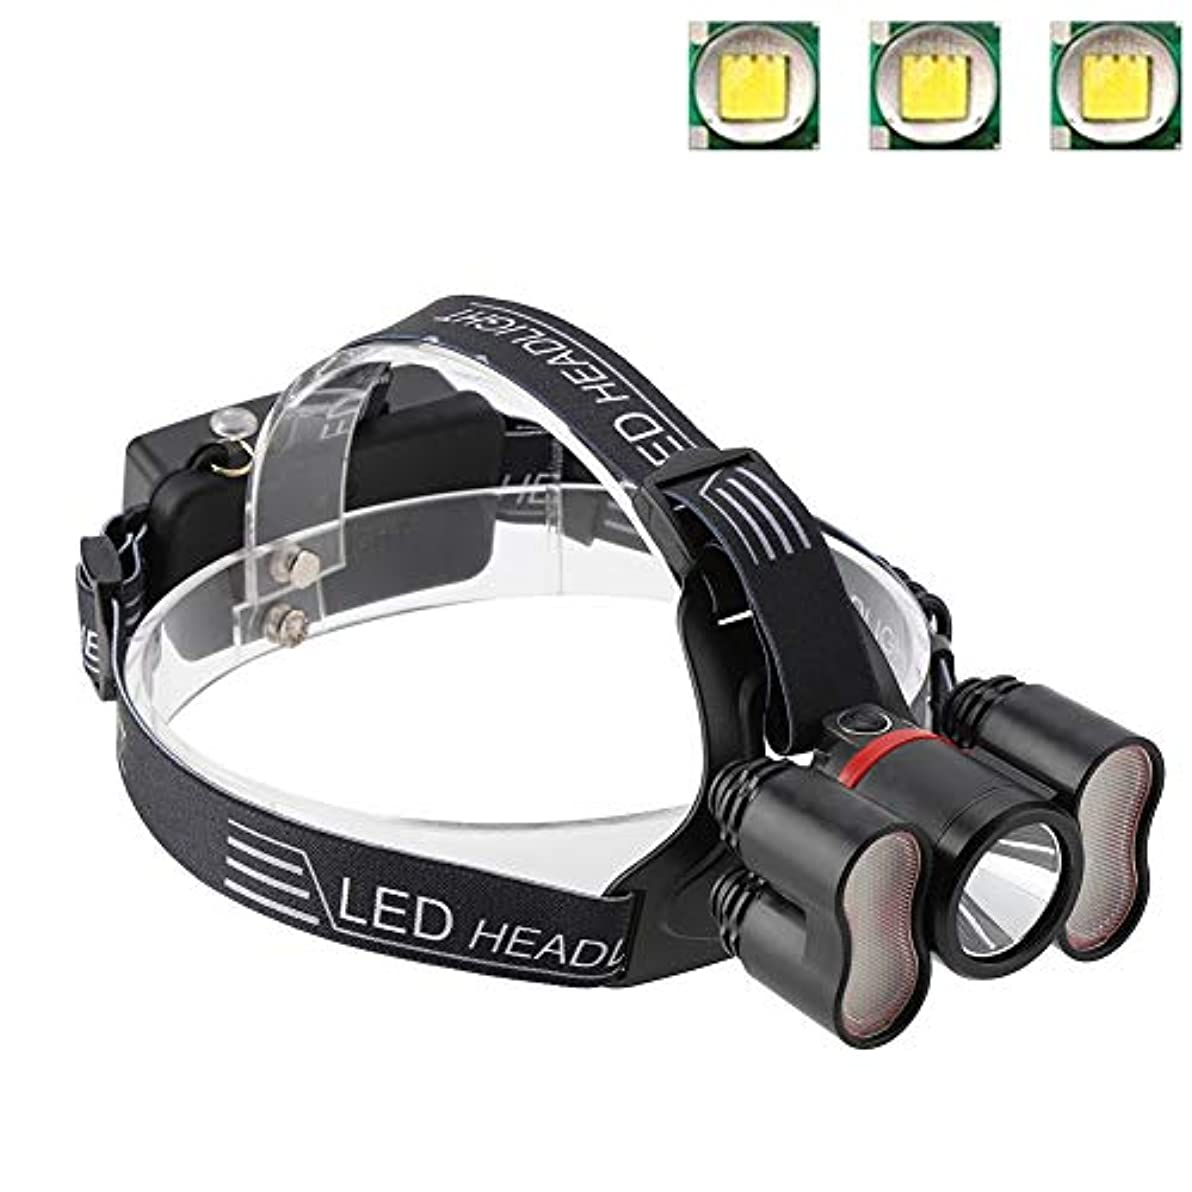 並外れたマイルストーン落胆するヘッドライト懐中電灯、2000LMヘッドライト18650 LED USB充電式防水トラベルヘッドトーチキャンプランプランニングハイキング釣りに適して(#1)